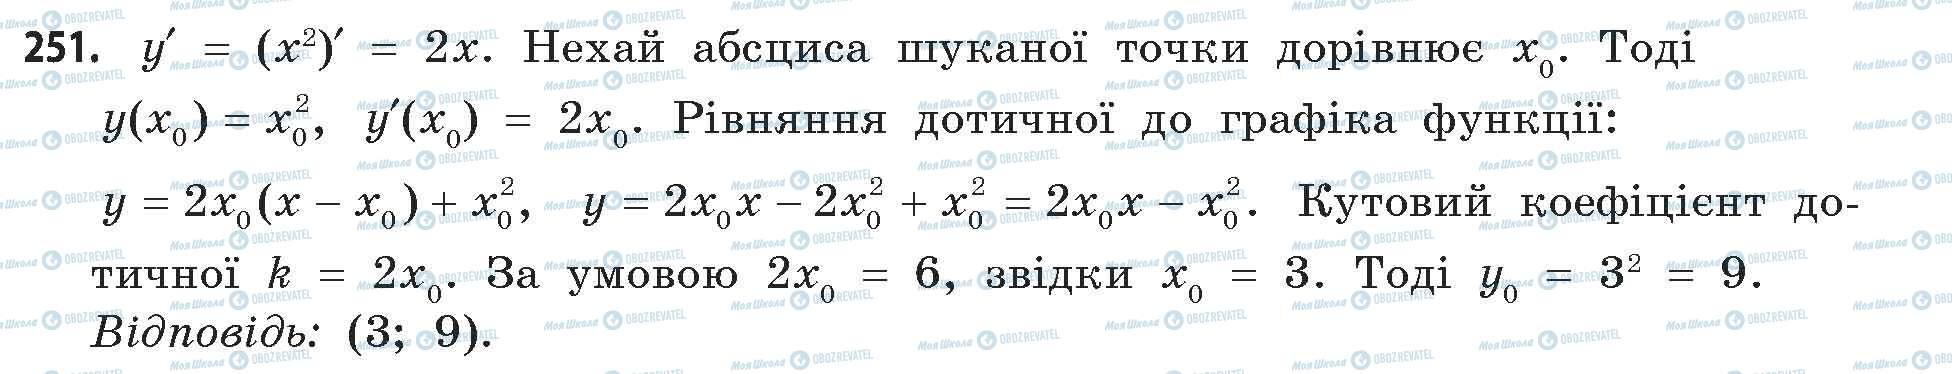 ГДЗ Математика 11 класс страница 251